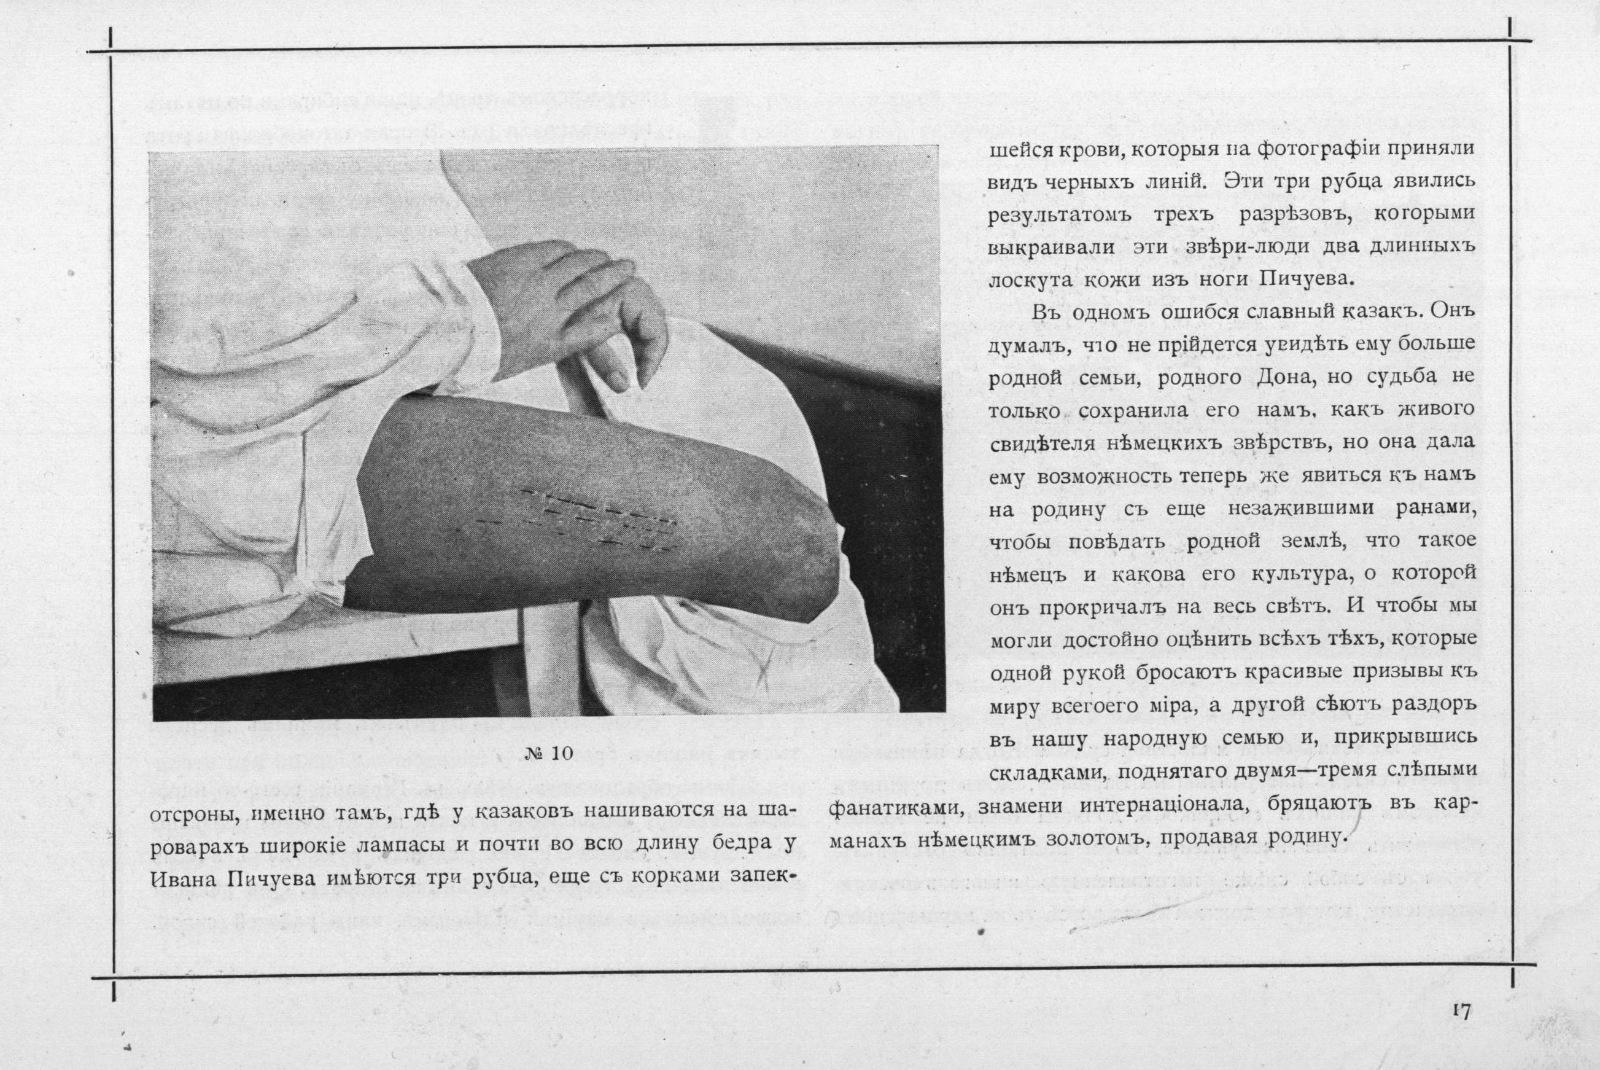 Исторические фотографии 1917го из жизни русских пленных в Германии и Австрии исторические фото